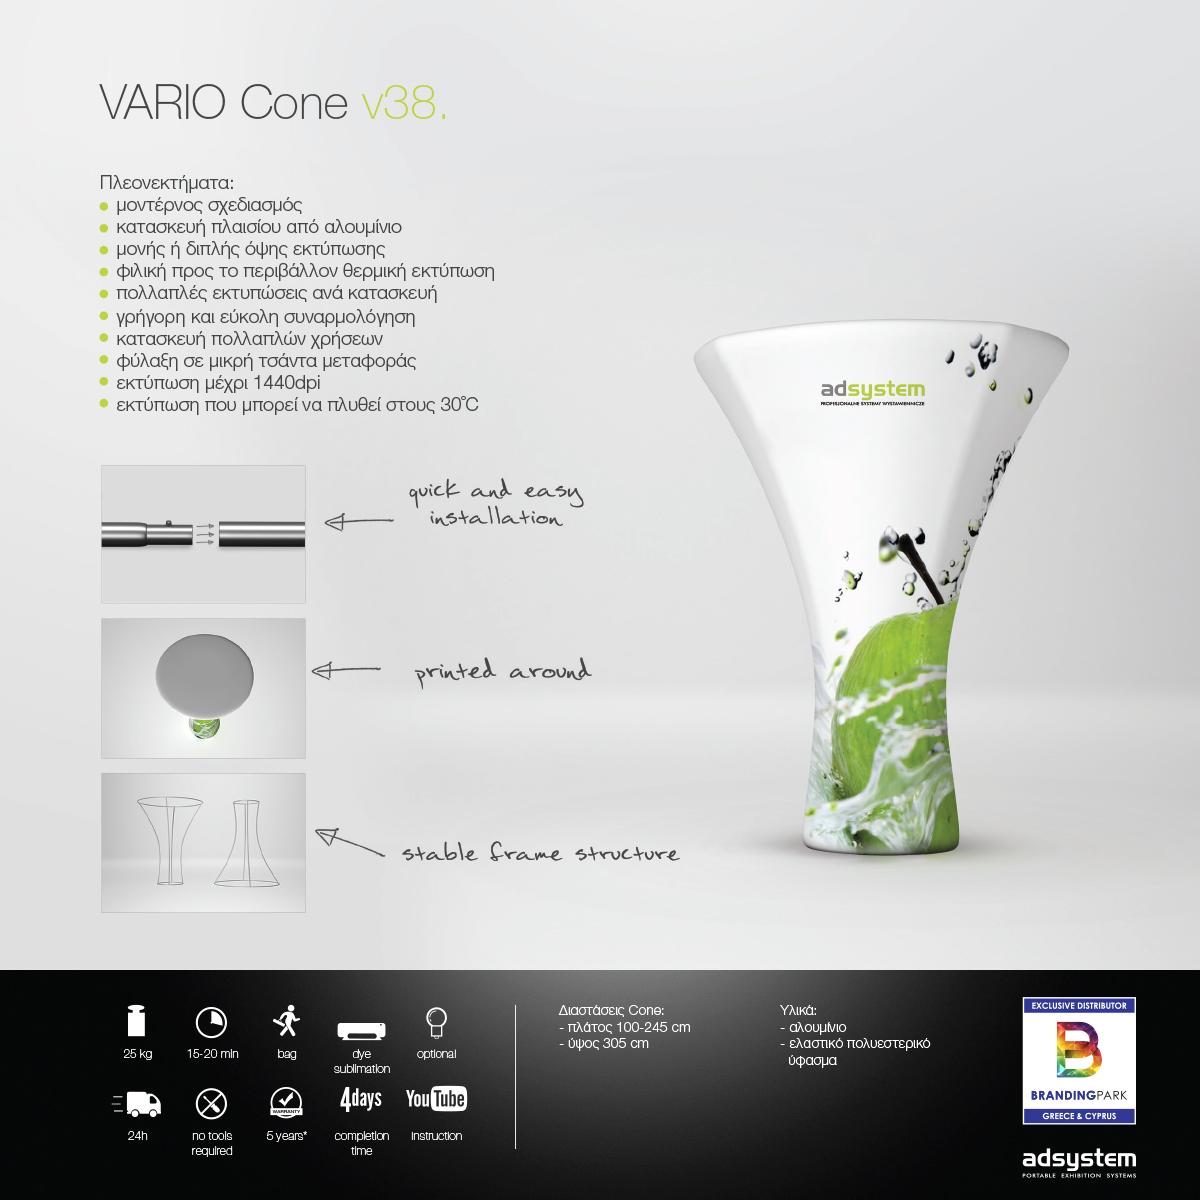 Υφασμάτινο σύστημα προβολής VARIO Cone v38.